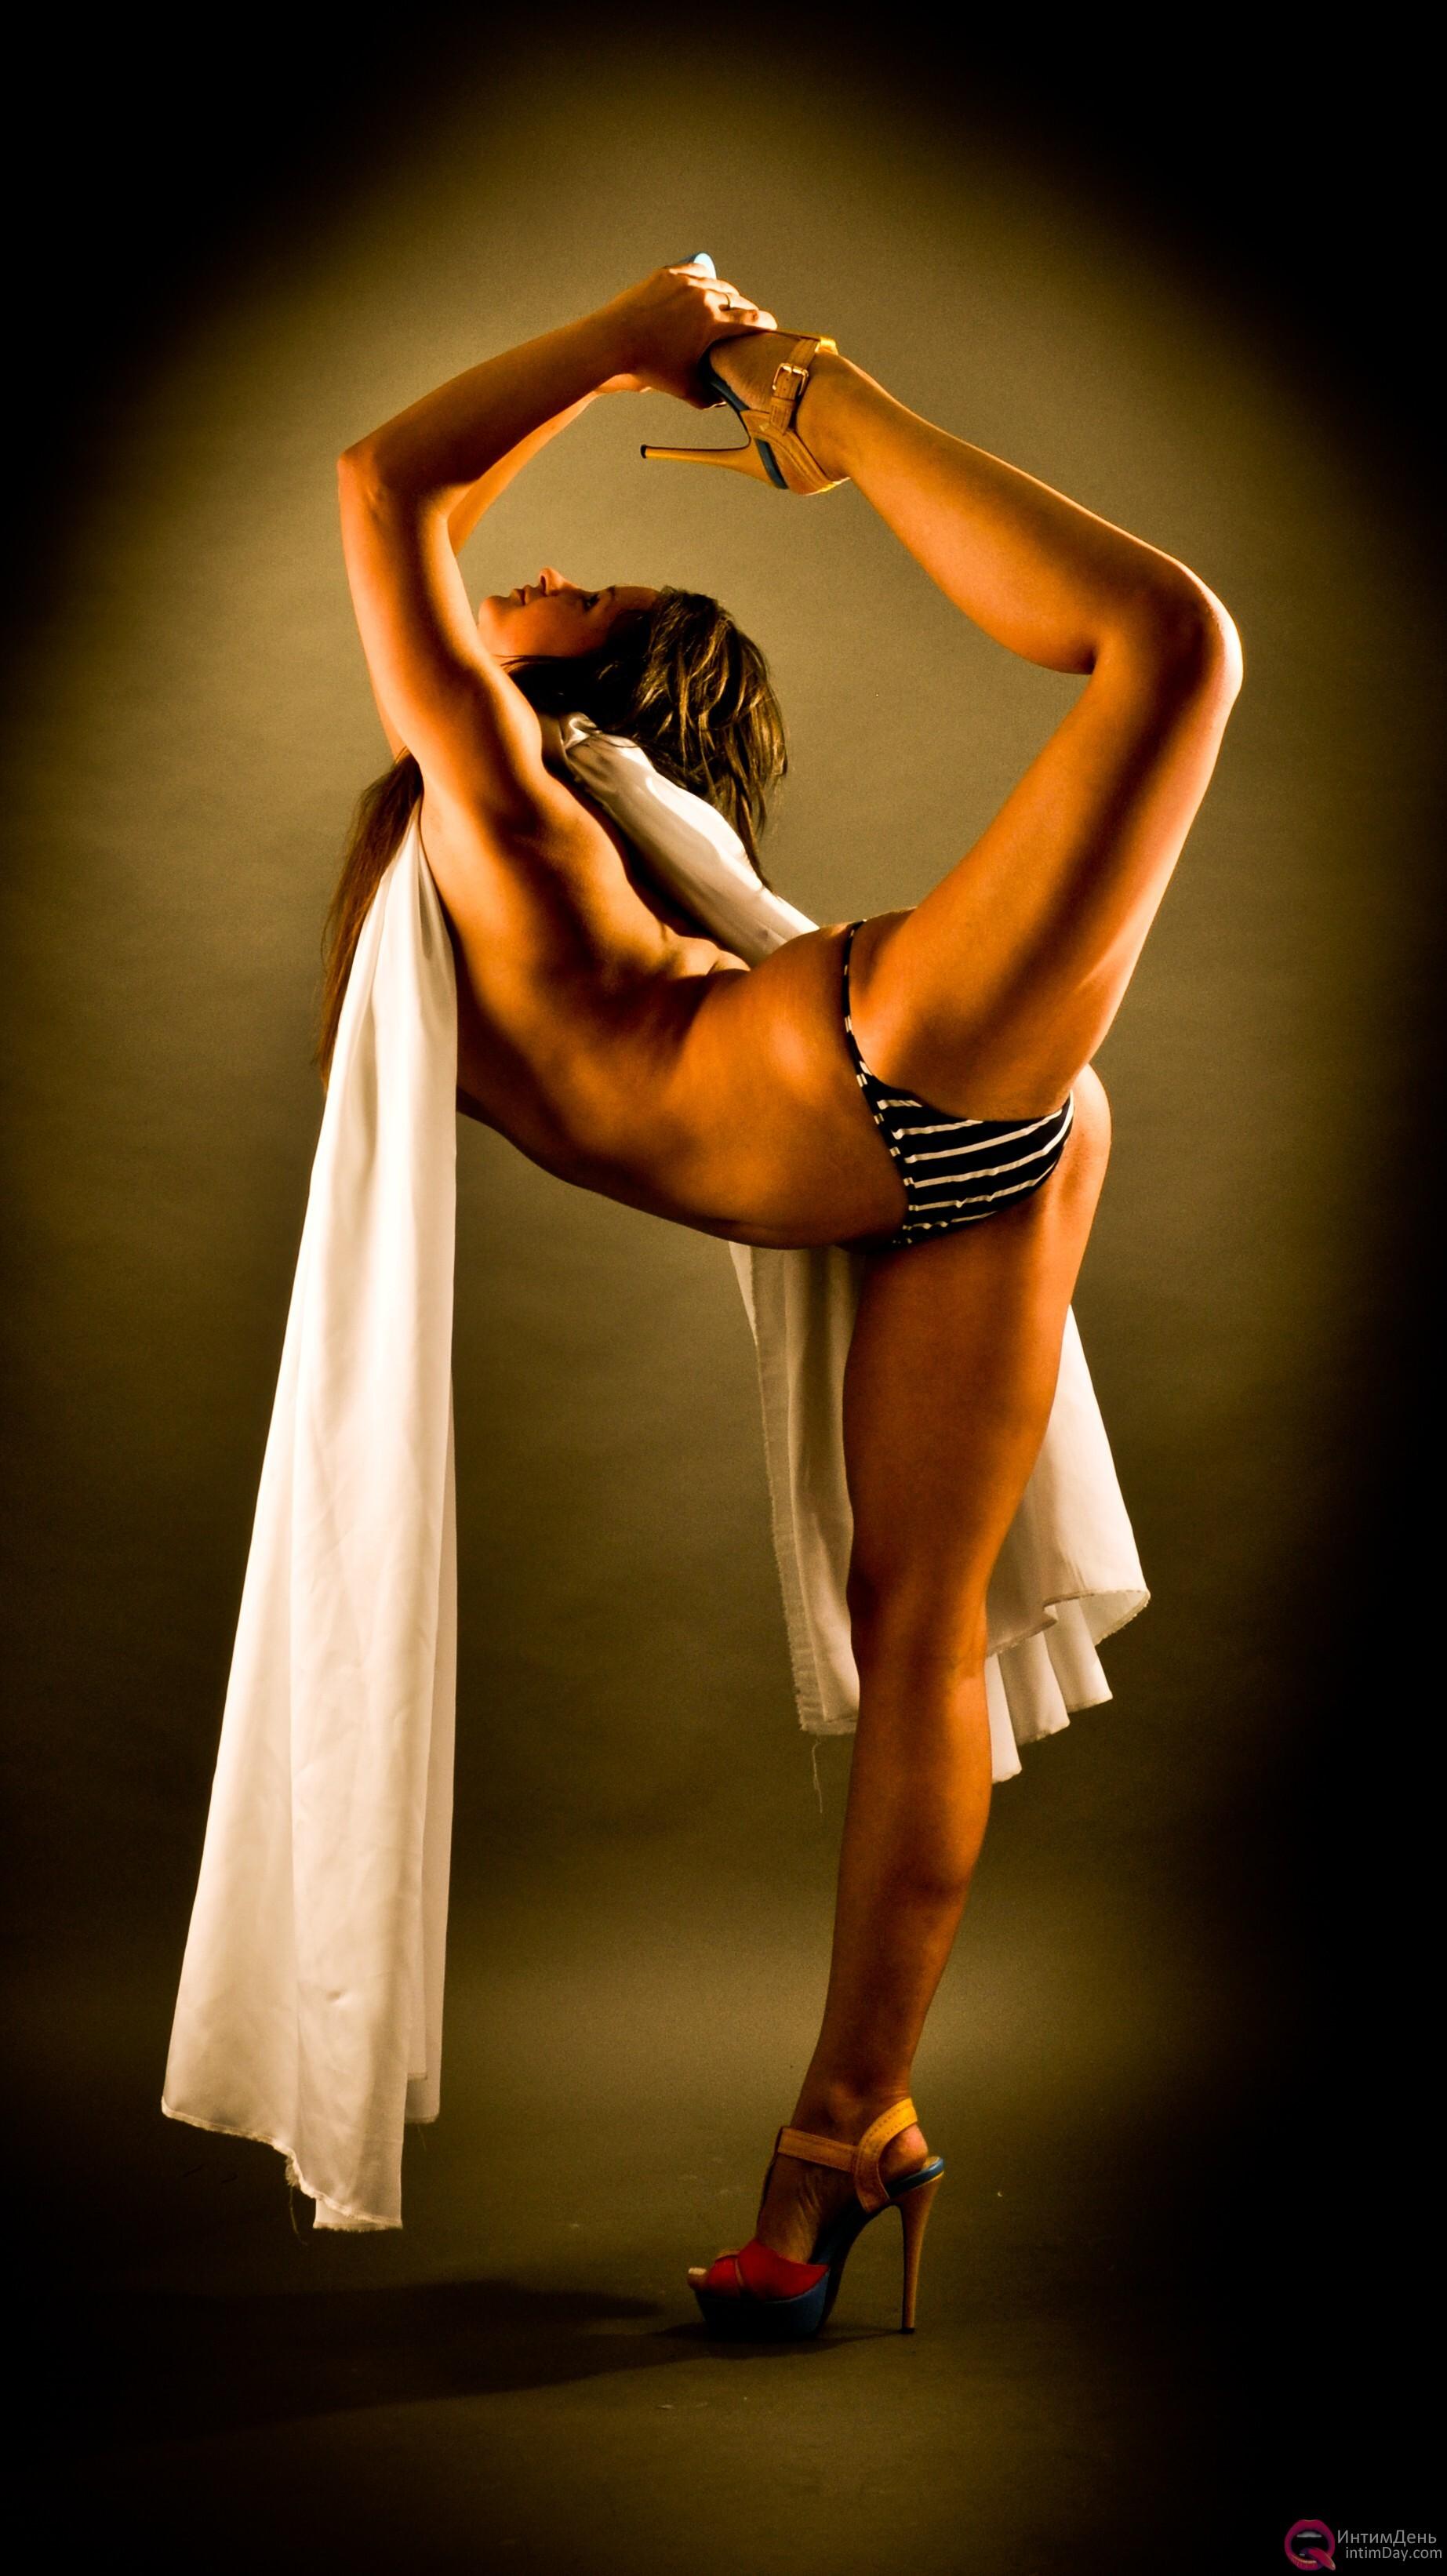 Проститутка Кира, размер груди 2, Днепропетровская область, Днепропетровск